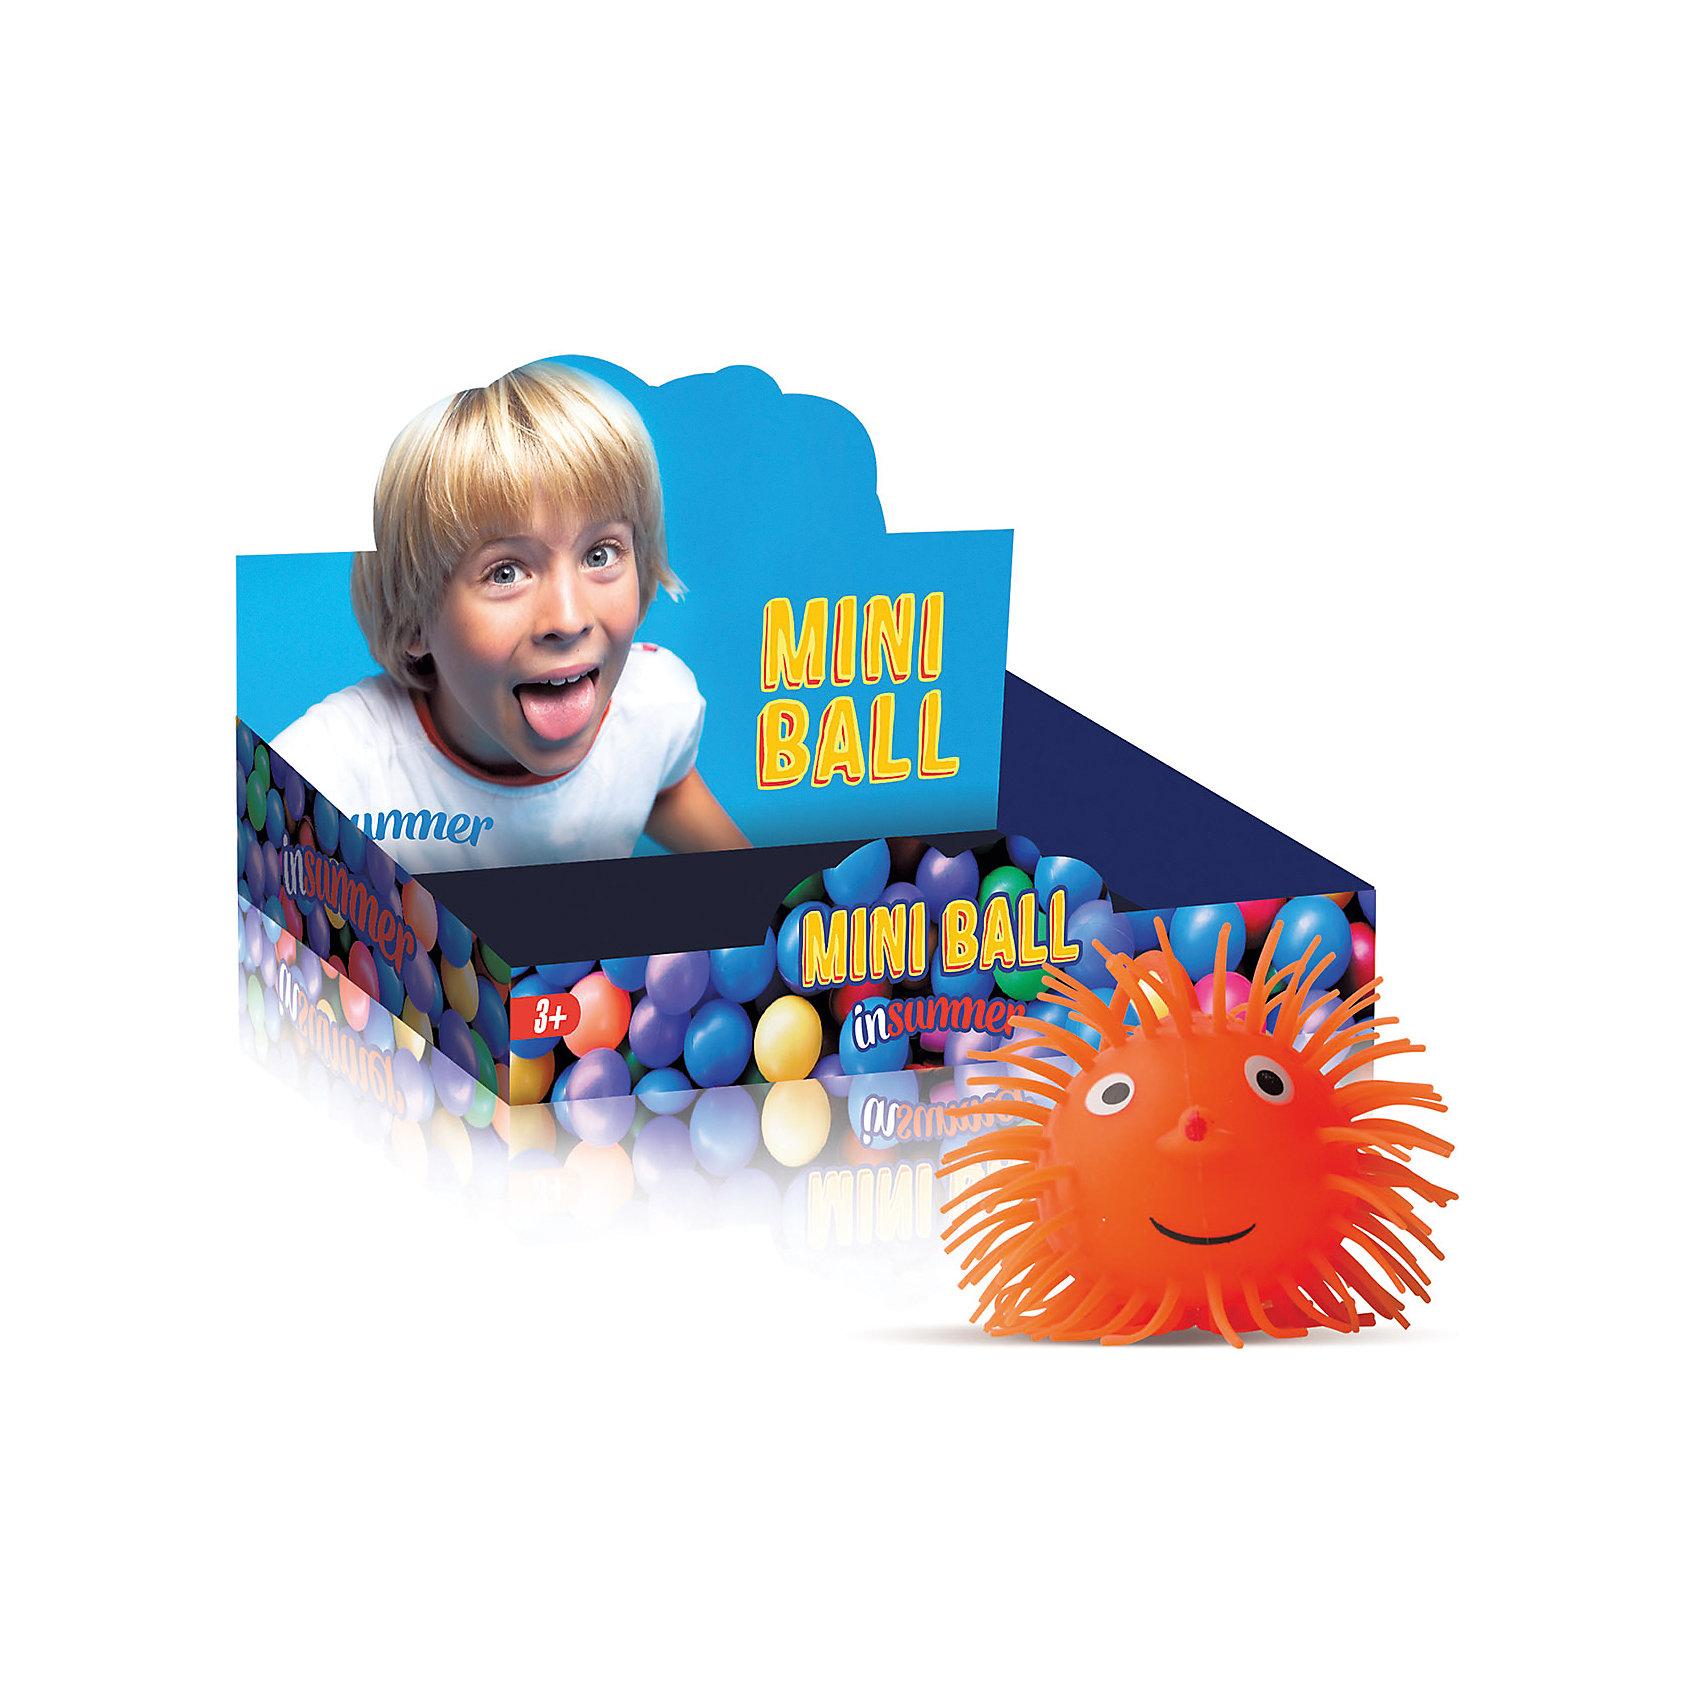 Мячик Е-Ежик Коротышка 12,5 см со светом, InSummerМячи детские<br>Е-Ежик Коротышка - веселый мячик со световыми эффектами, изготовленный из мягких, безопасных для ребенка материалов. Милый ежик с мягкими колючками, глазками, носиком и улыбкой начинает светиться, если его подбросить или встряхнуть. На голове у ежика удобная резинка с петелькой, чтобы игрушка не потерялась. Веселый ежик обязательно понравится малышу!<br><br>Дополнительная информация:<br>Размер: 12,5 см<br>Вес: 100 грамм<br>Мячик Е-Ежик Коротышка вы можете купить в нашем интернет-магазине.<br><br>Ширина мм: 35<br>Глубина мм: 800<br>Высота мм: 320<br>Вес г: 100<br>Возраст от месяцев: 36<br>Возраст до месяцев: 144<br>Пол: Унисекс<br>Возраст: Детский<br>SKU: 4753587